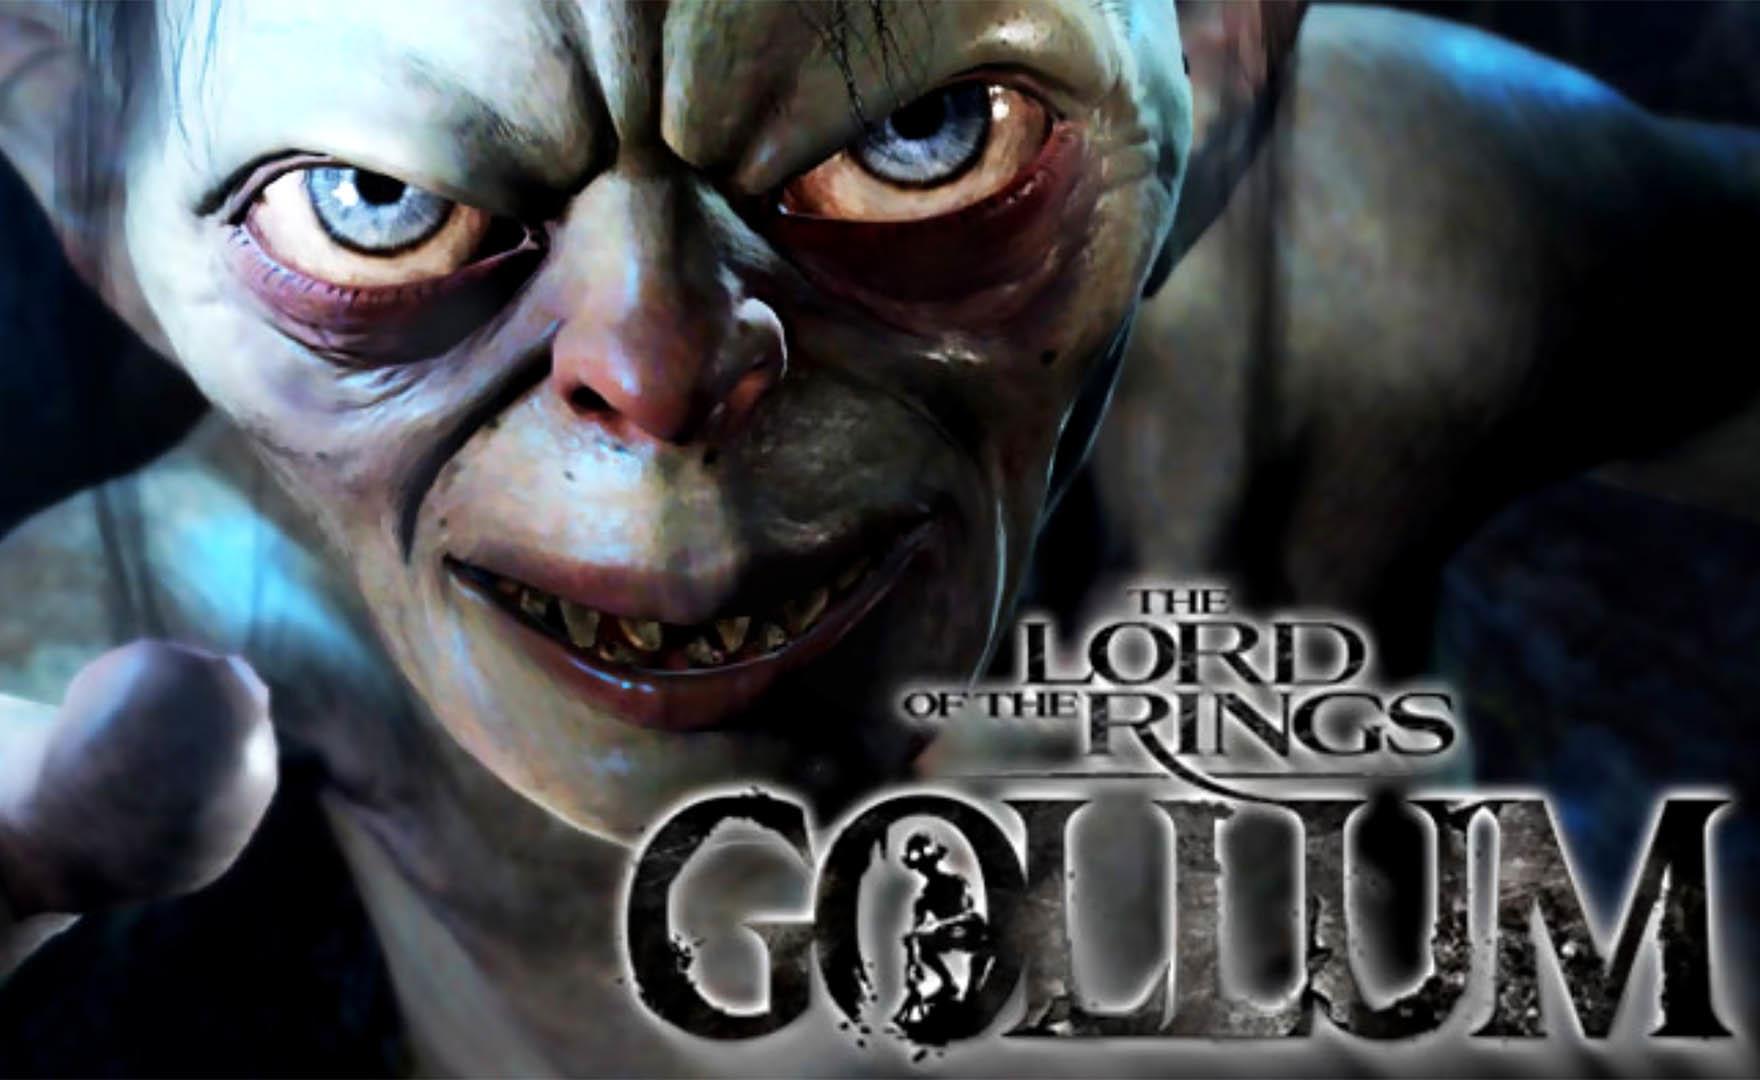 The Lord of the Rings Gollum è a rischio cancellazione